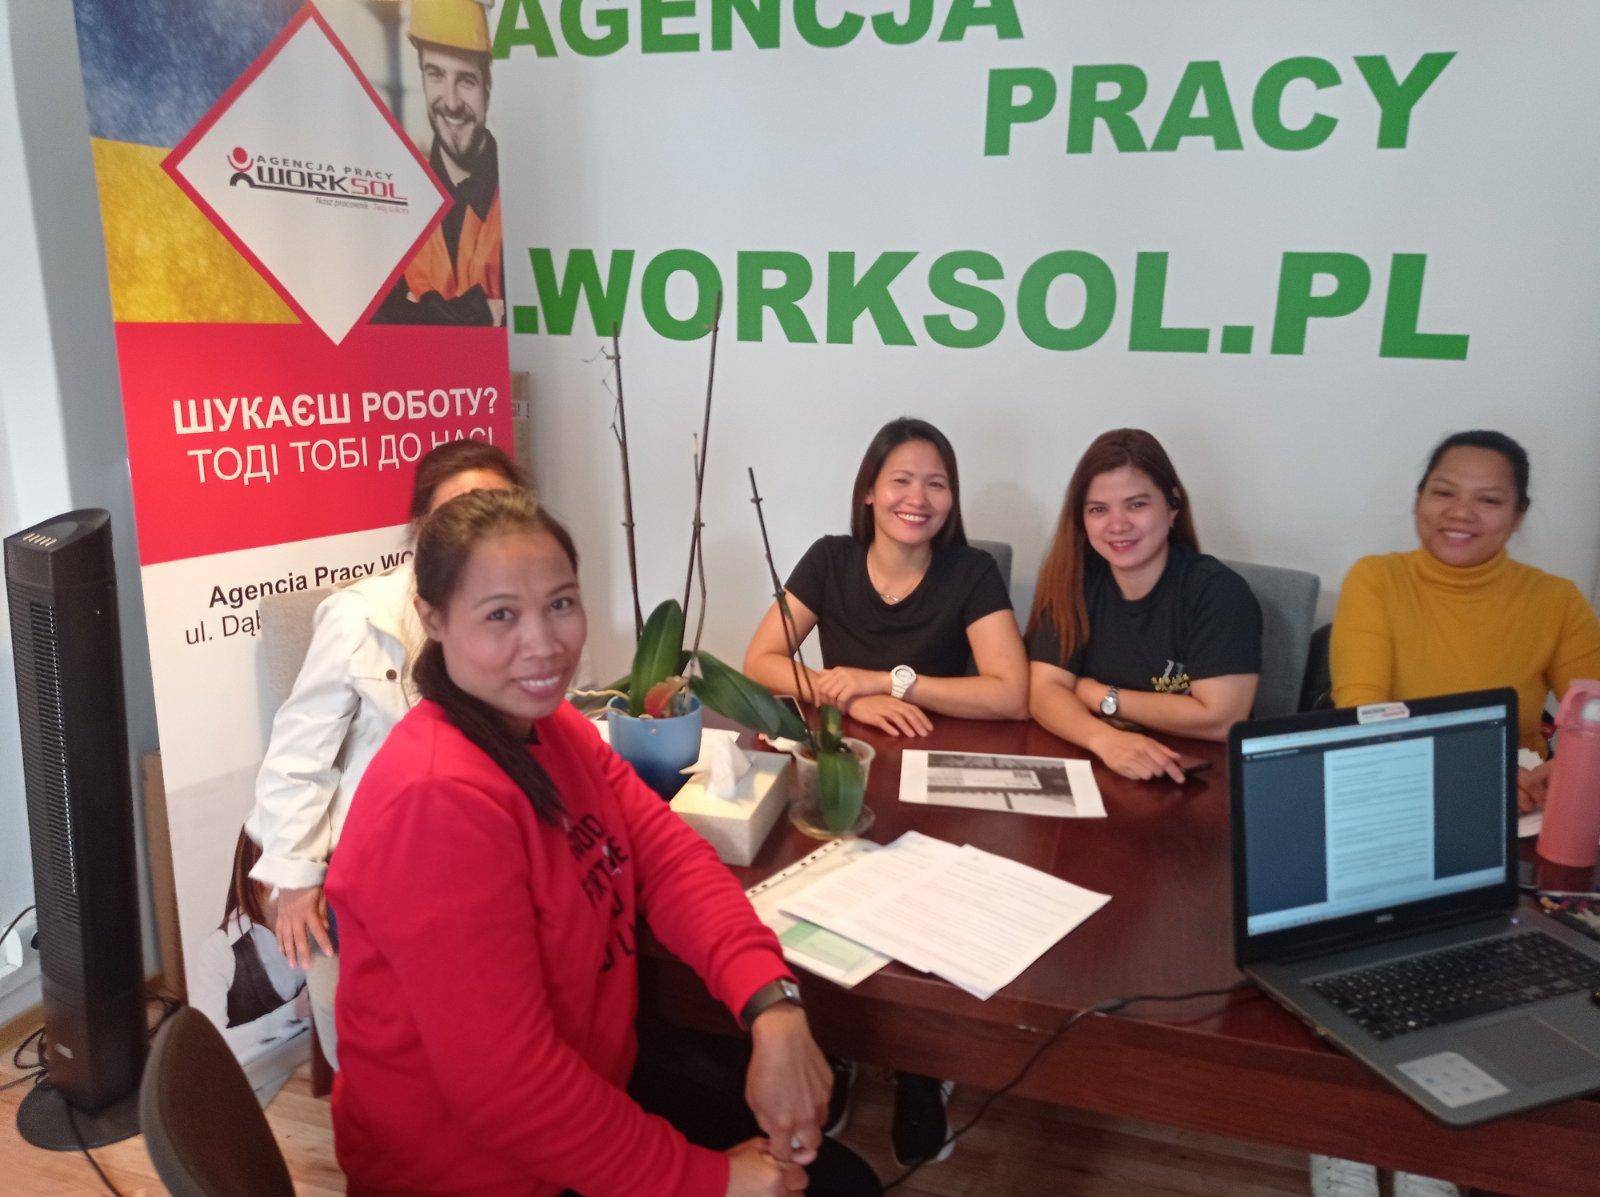 Kolejna grupa pracowników z Filipin podjęła pracę we Wrocławiu